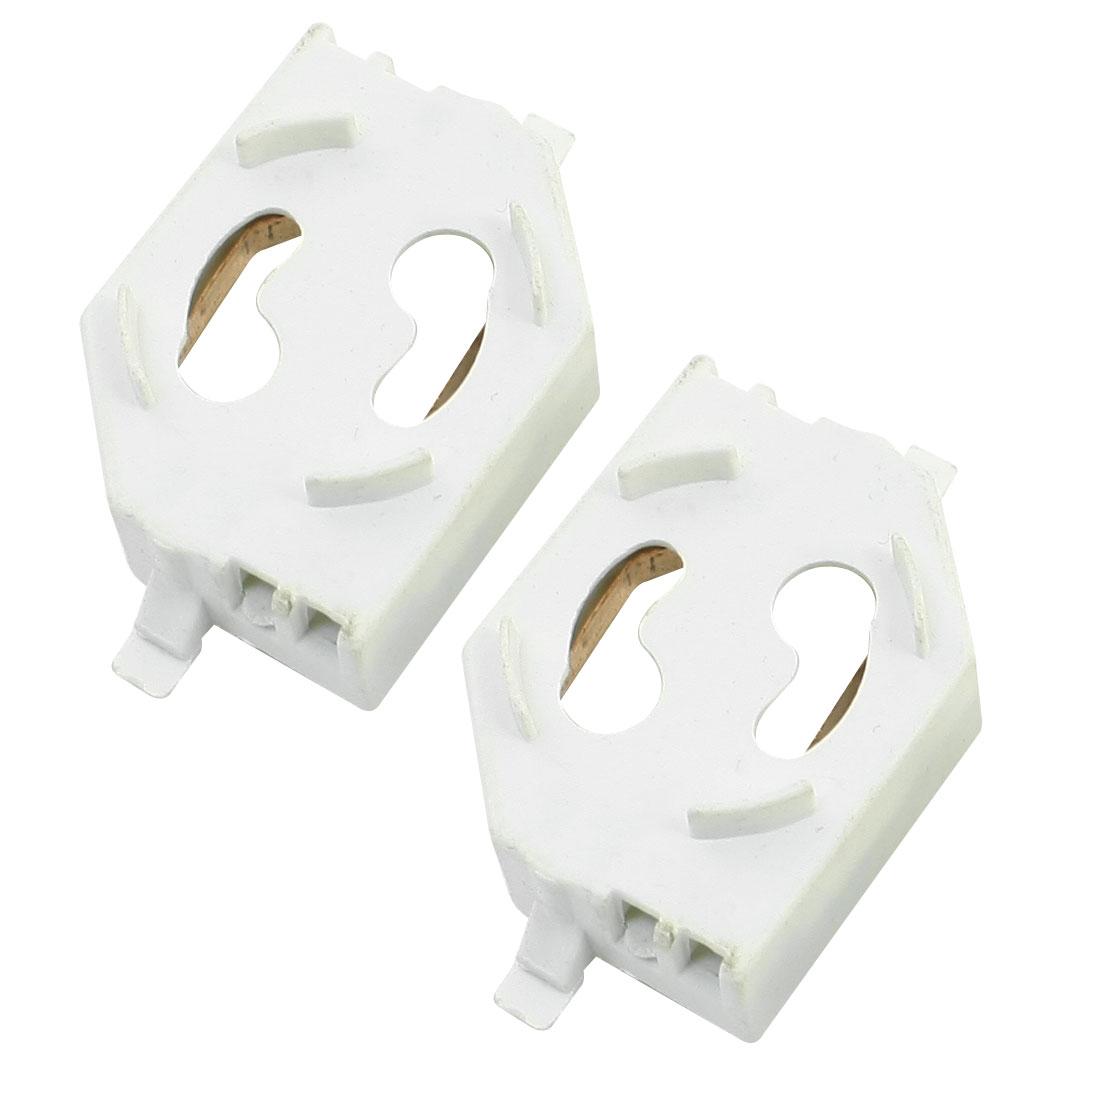 White Plastic Fluorescent Light Holder Socket Pair for T8 Tube Light